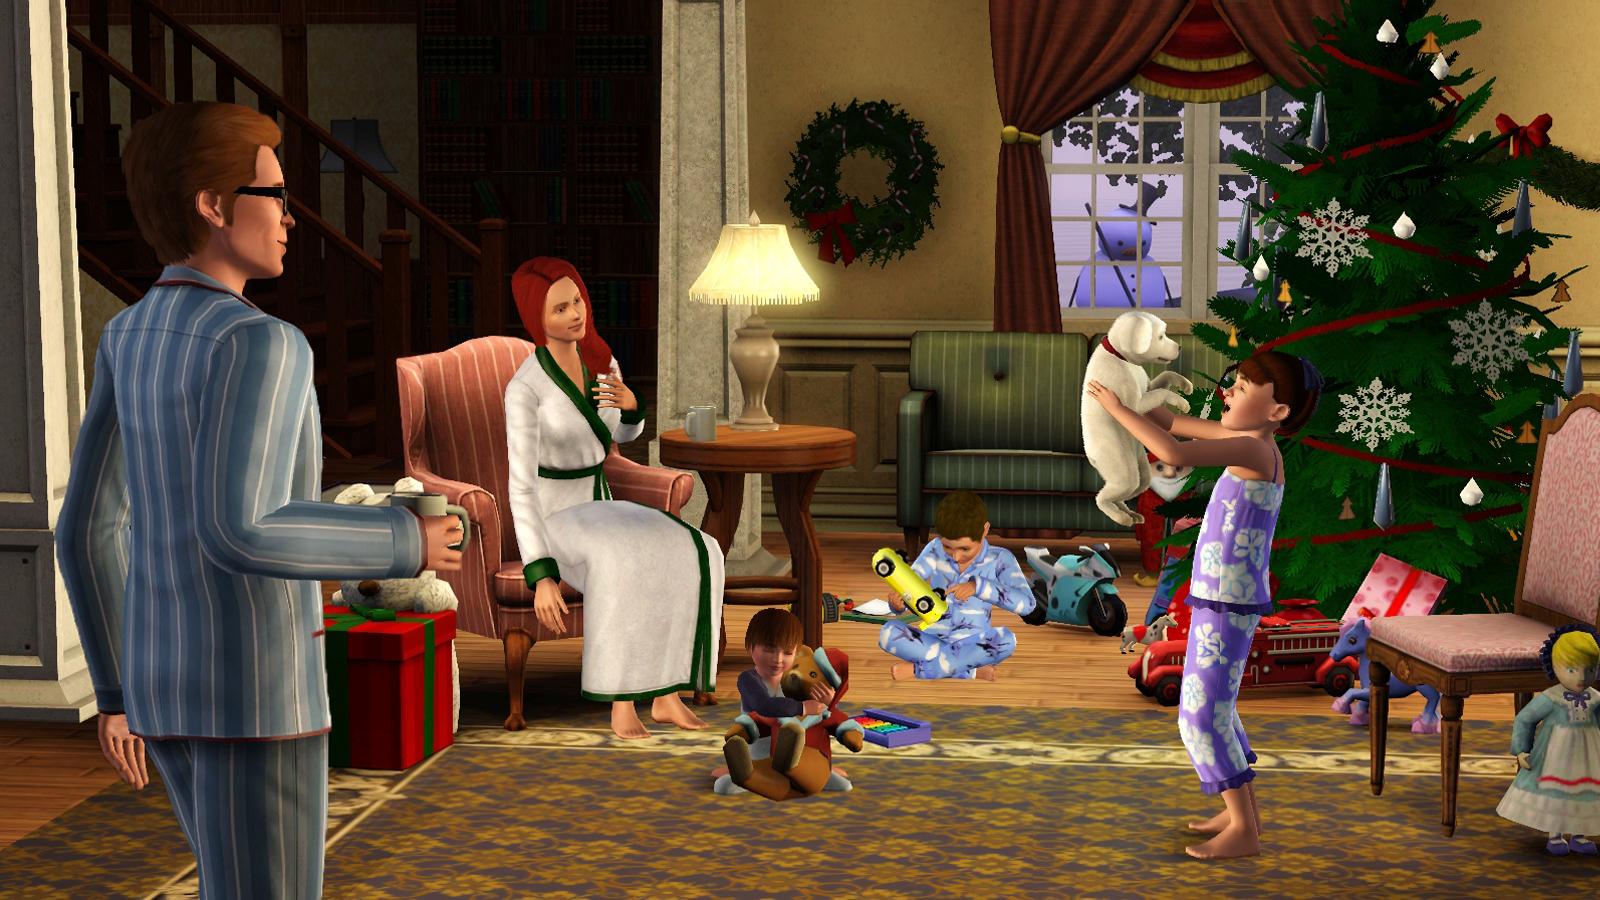 Comment Ajouter Des Villes Dans Les Sims